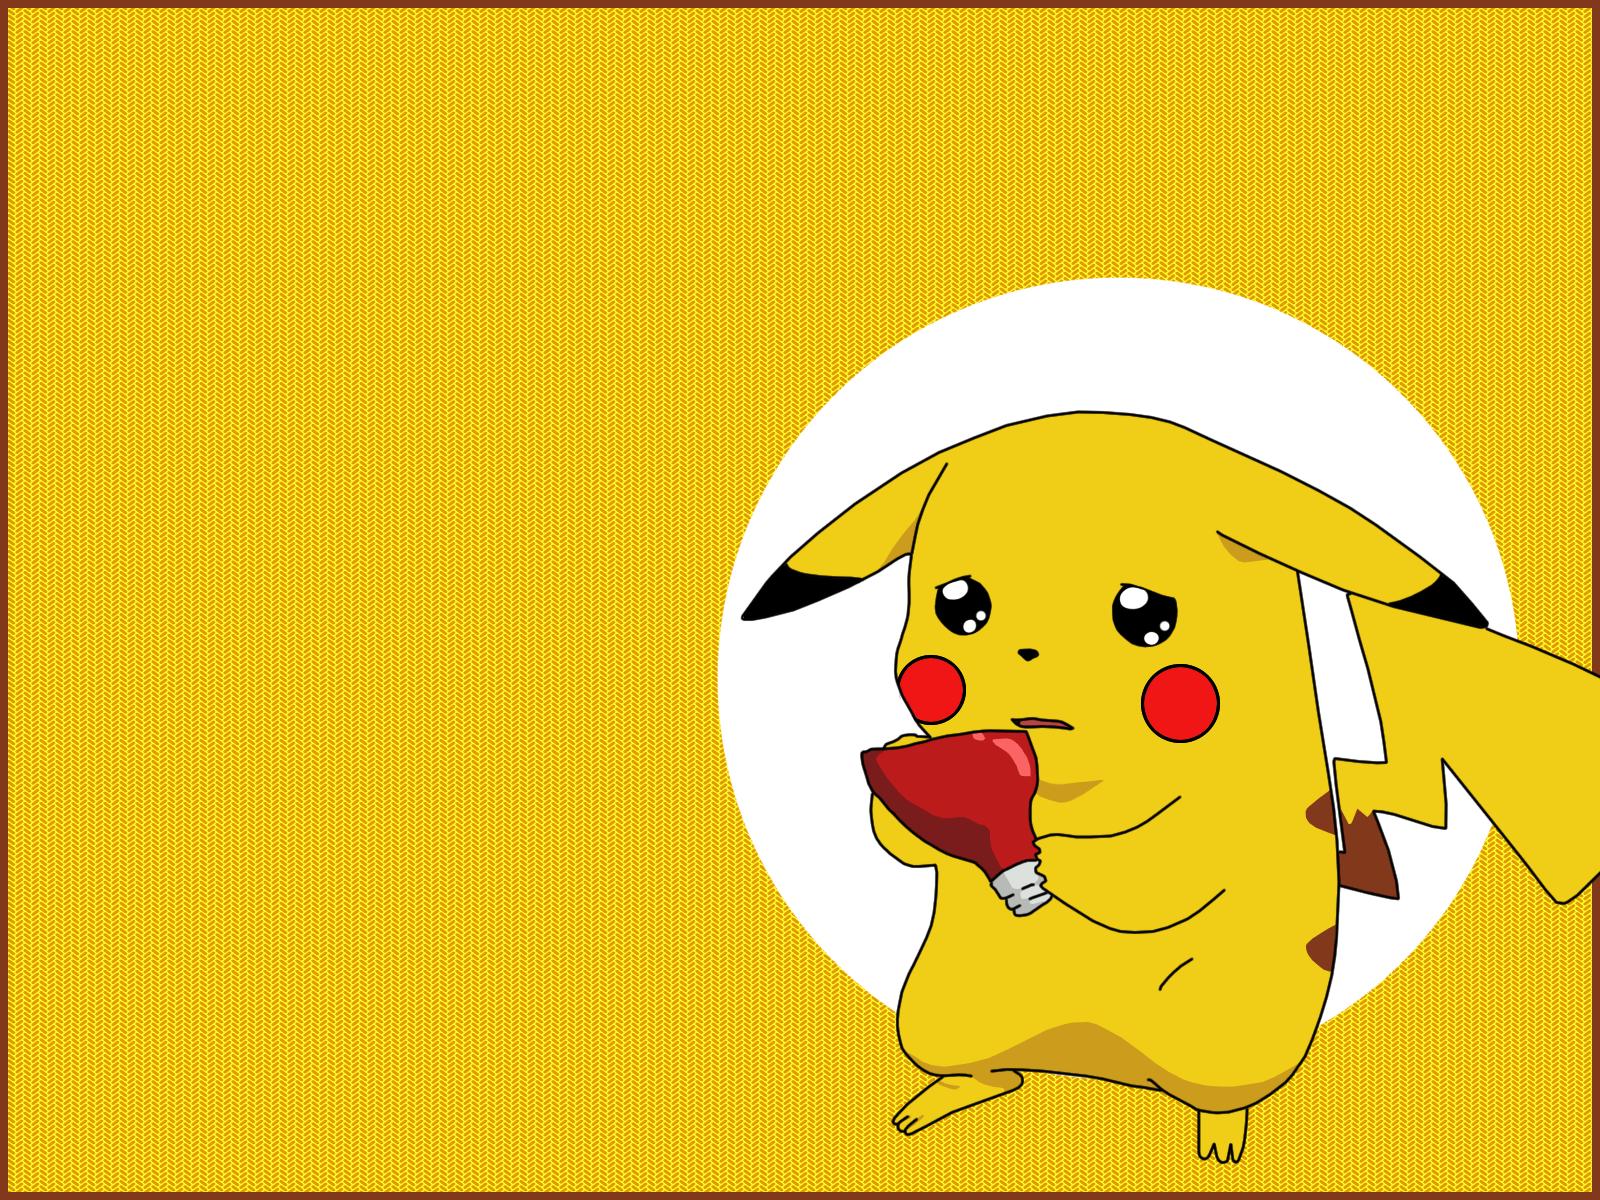 Pokemon Pikachu Wallpapers 1600x1200